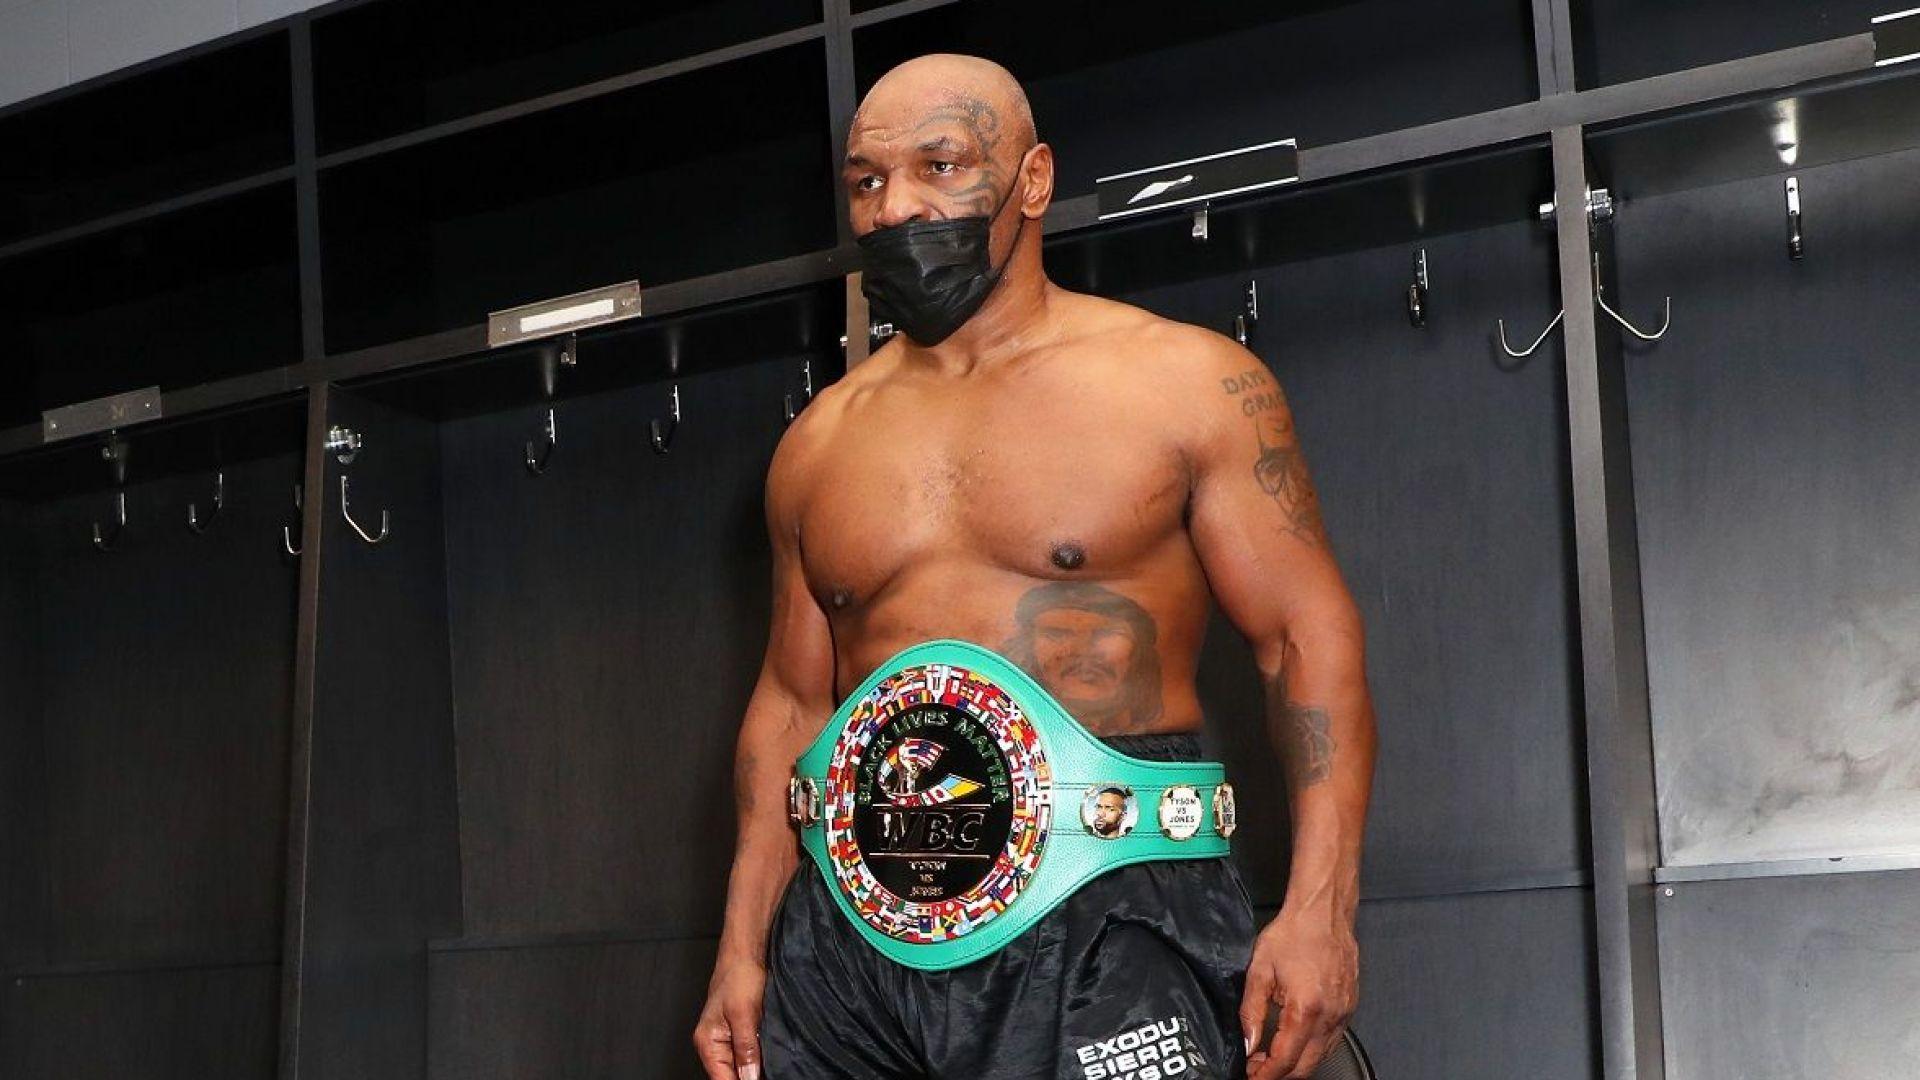 Ново разкритие на Тайсън - халюциногени му казали да се върне на ринга